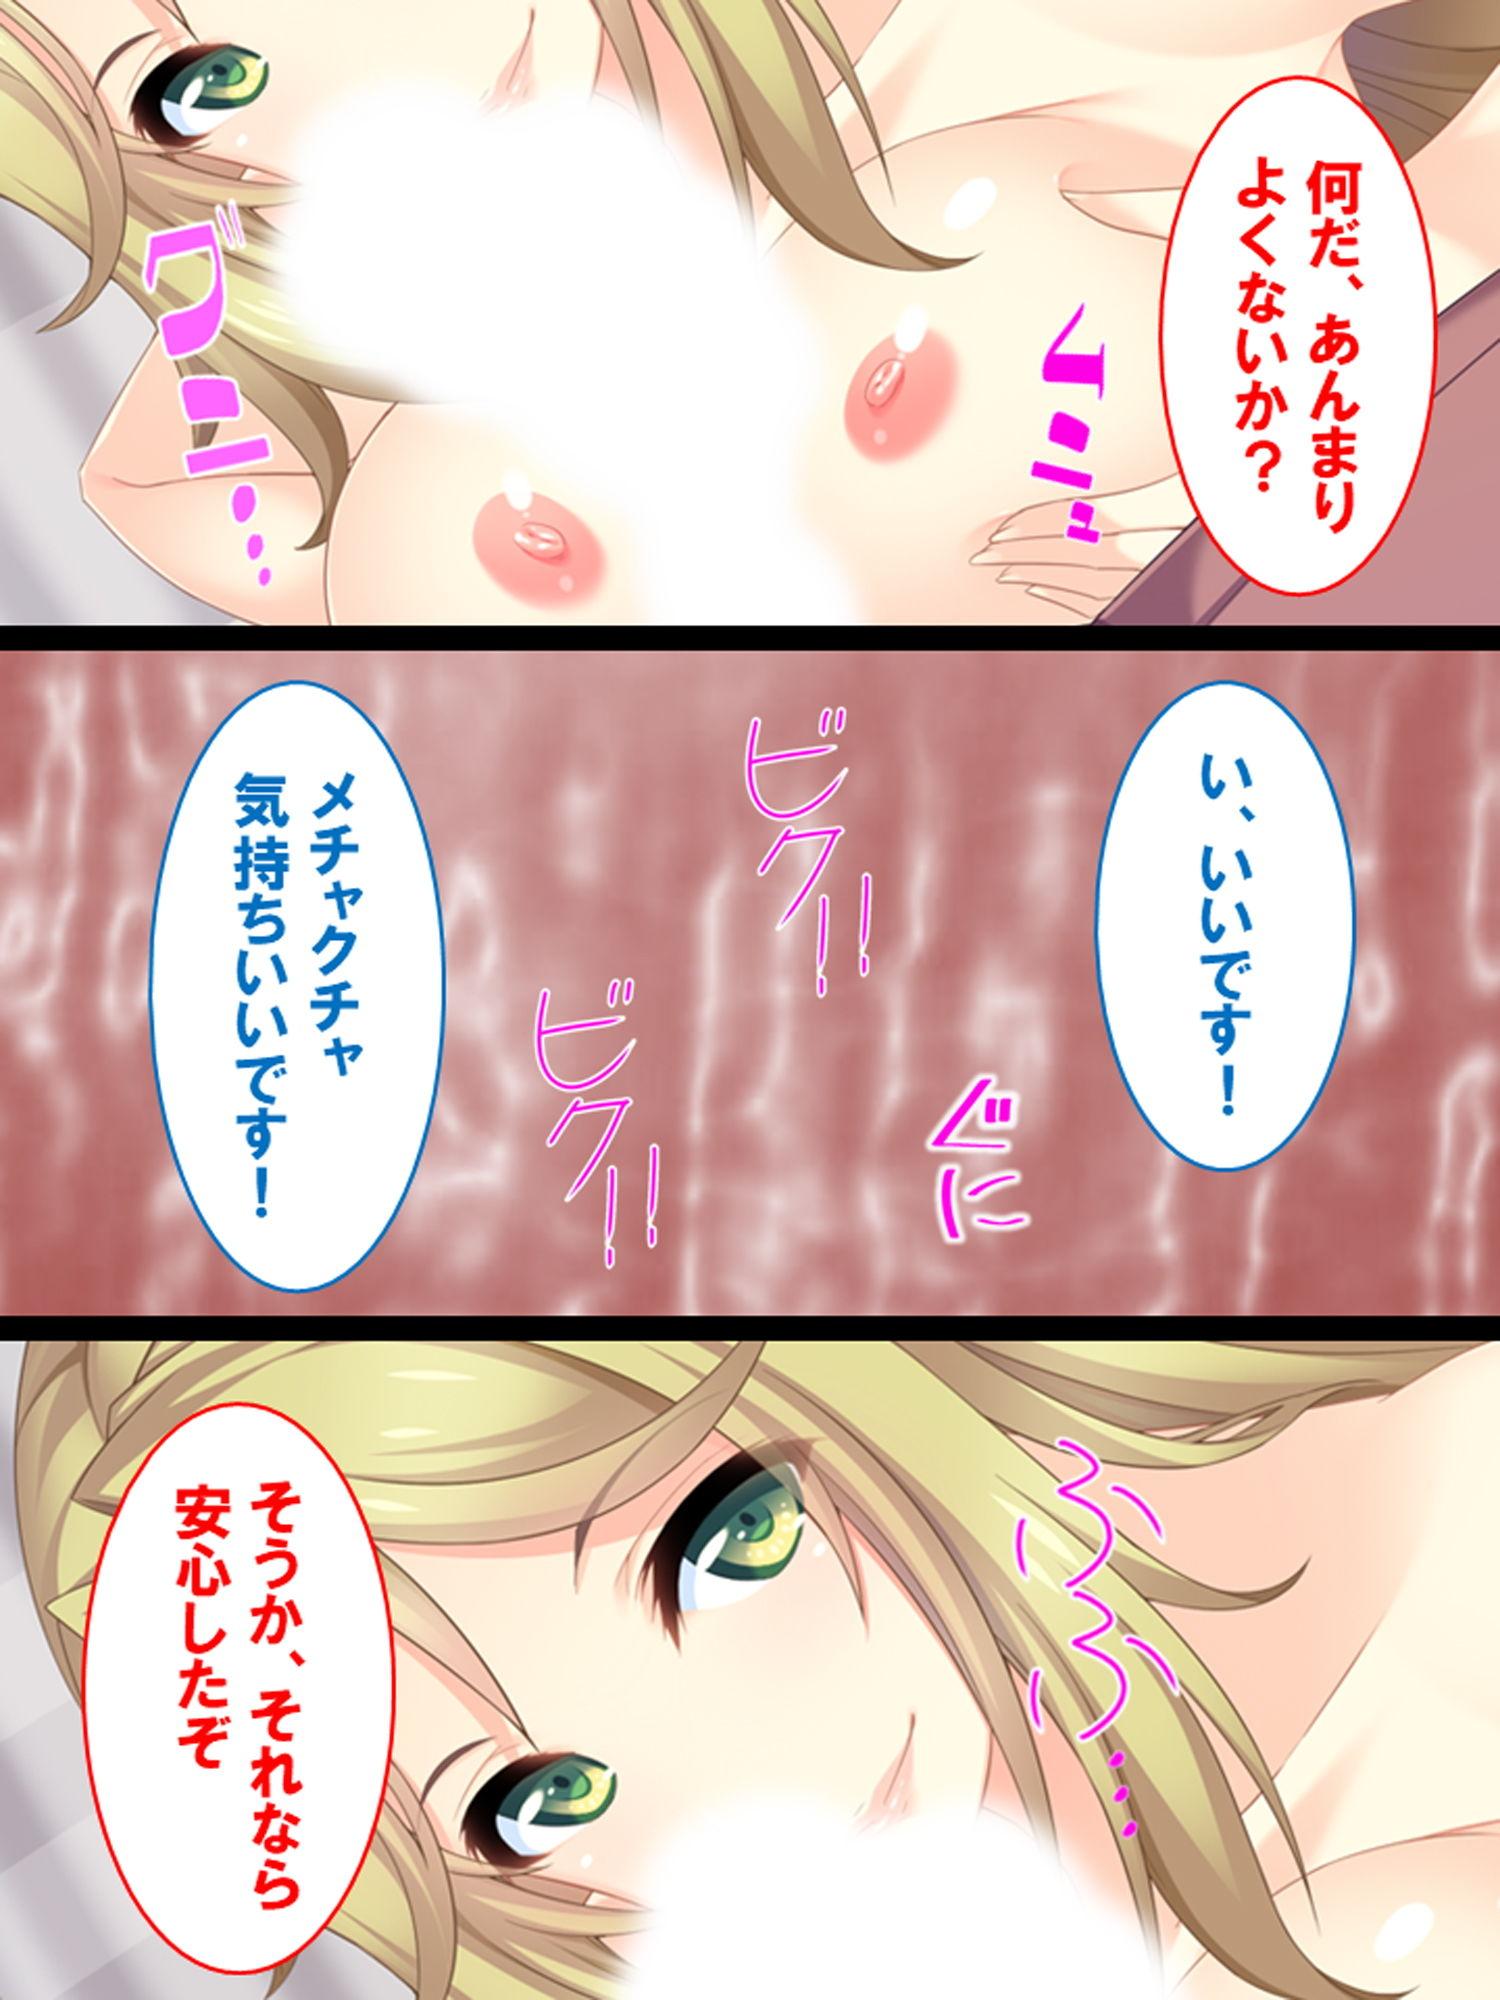 【金髪】脅されイカされ搾精ライフ!下の部屋に住むヤンママ